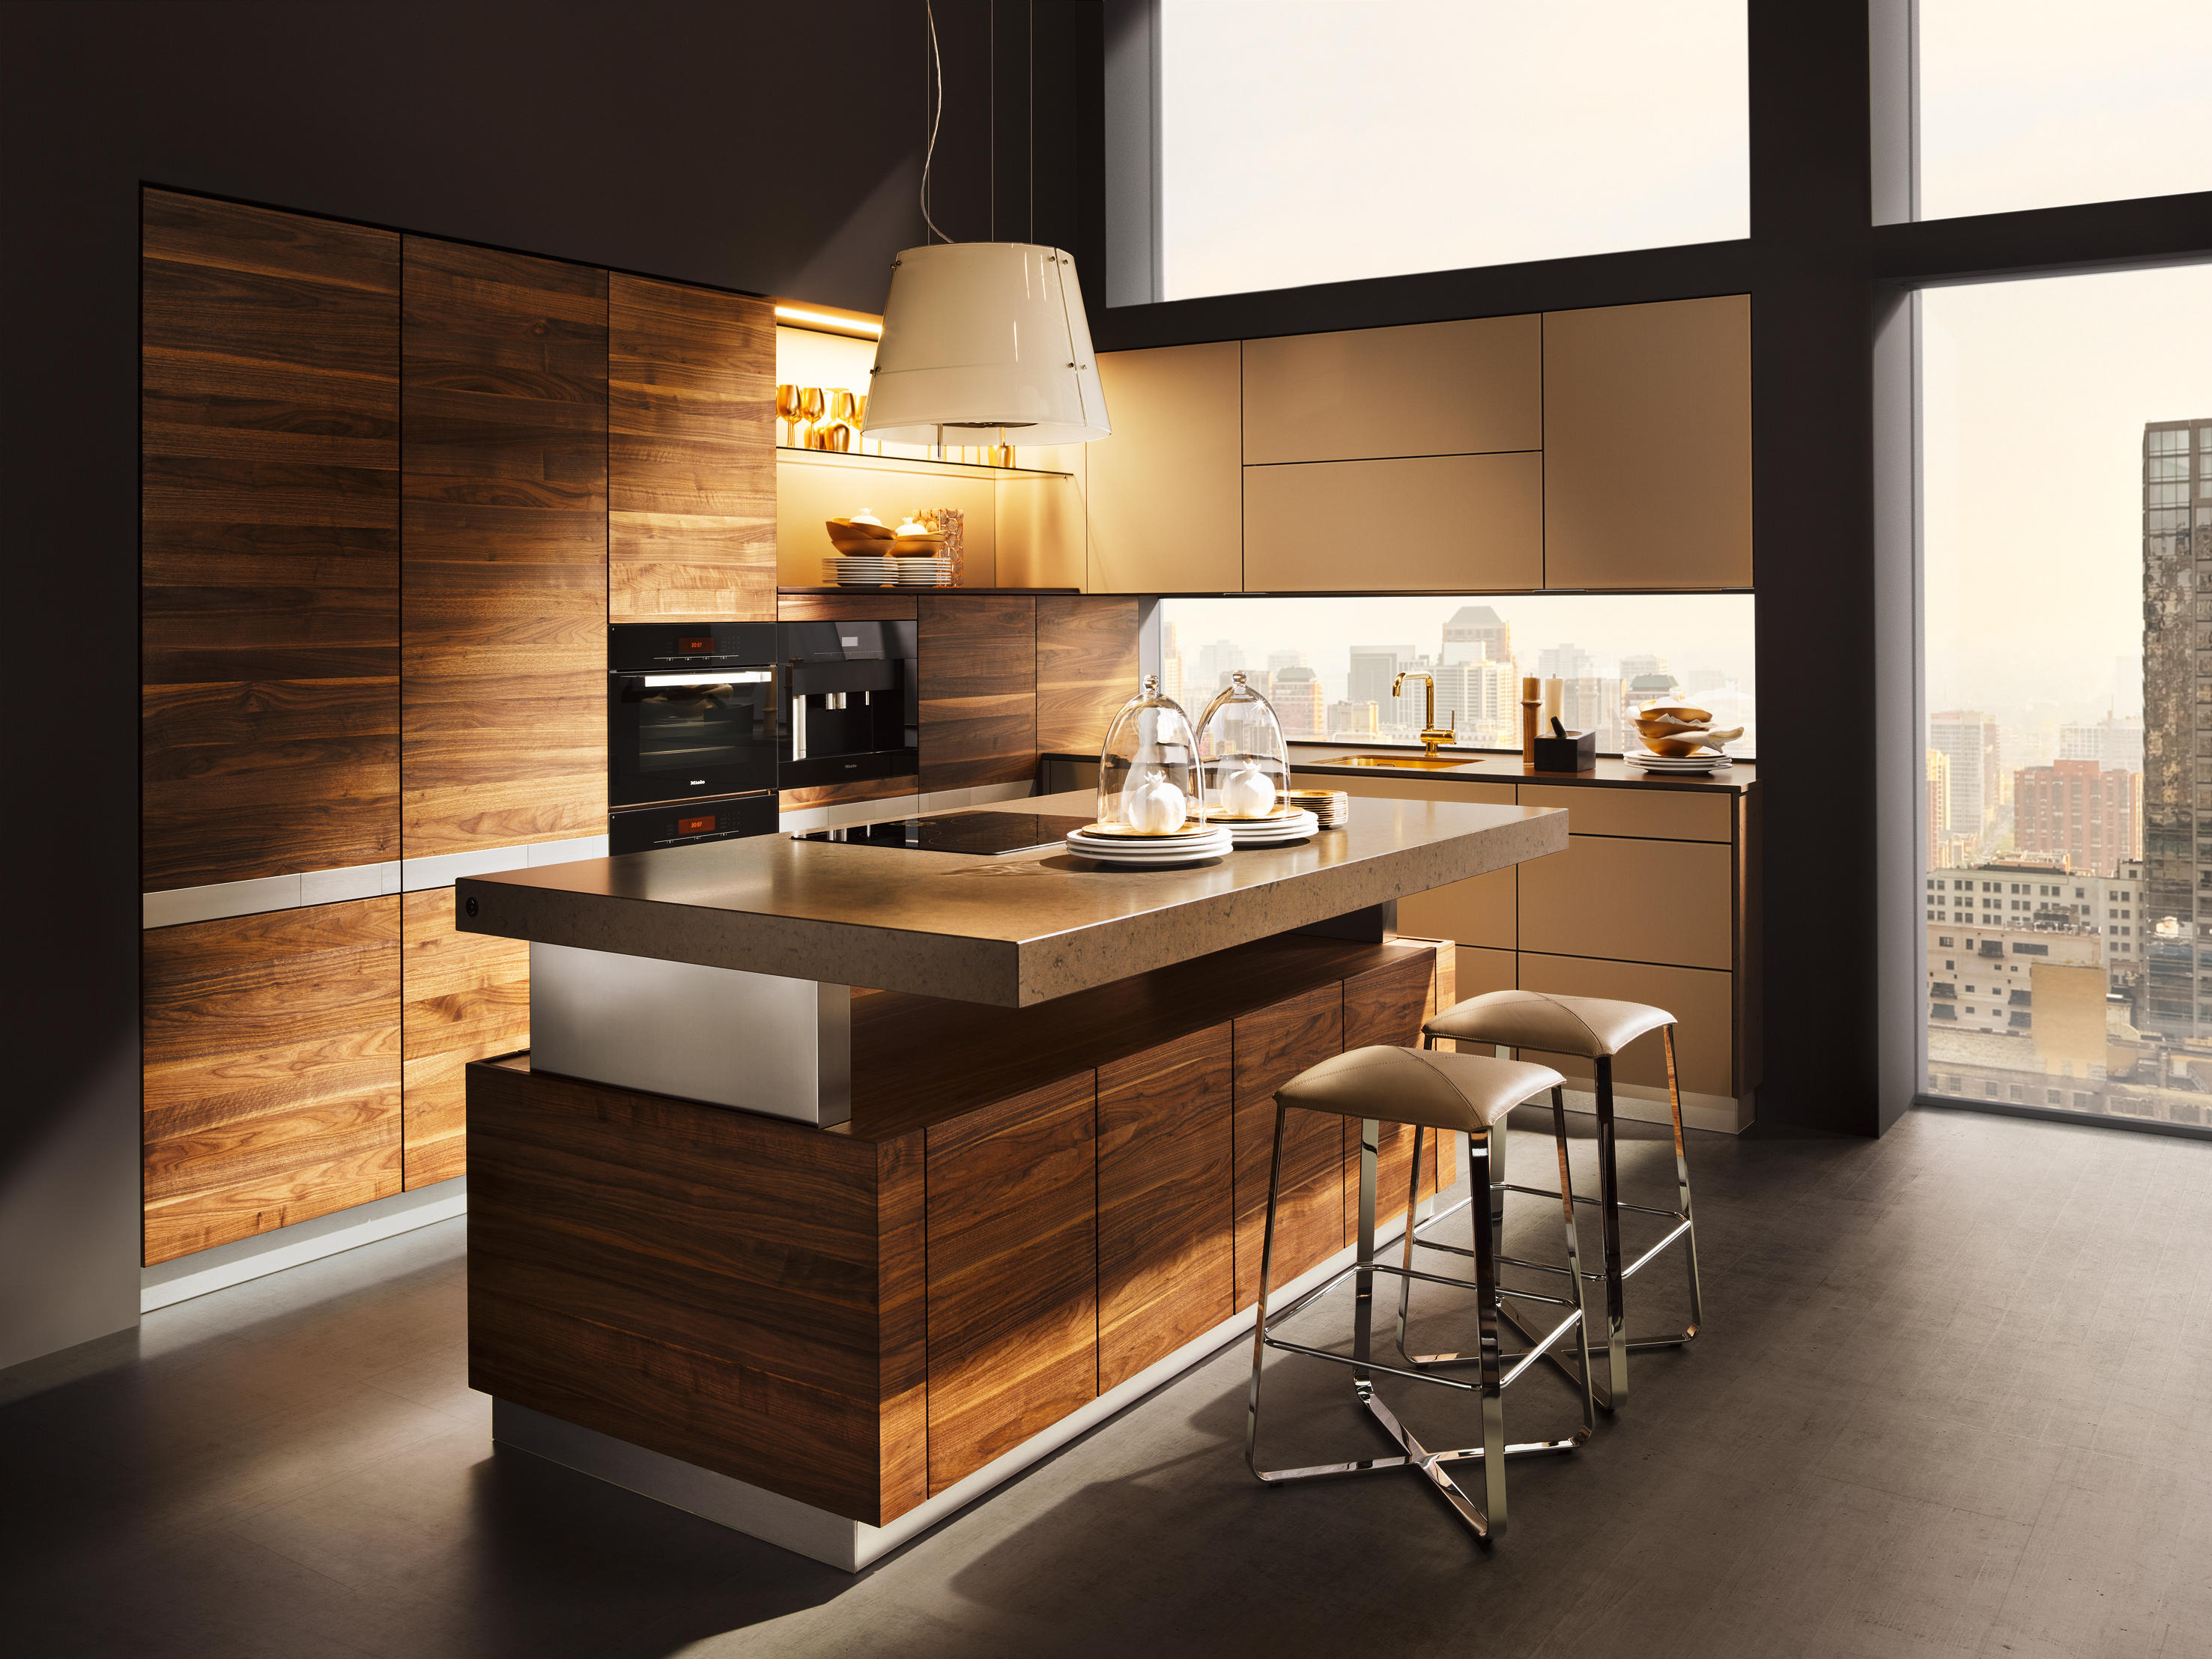 Kochinsel Holz Kochinsel In Der Kuche Modern Design Ideen Ideen Top